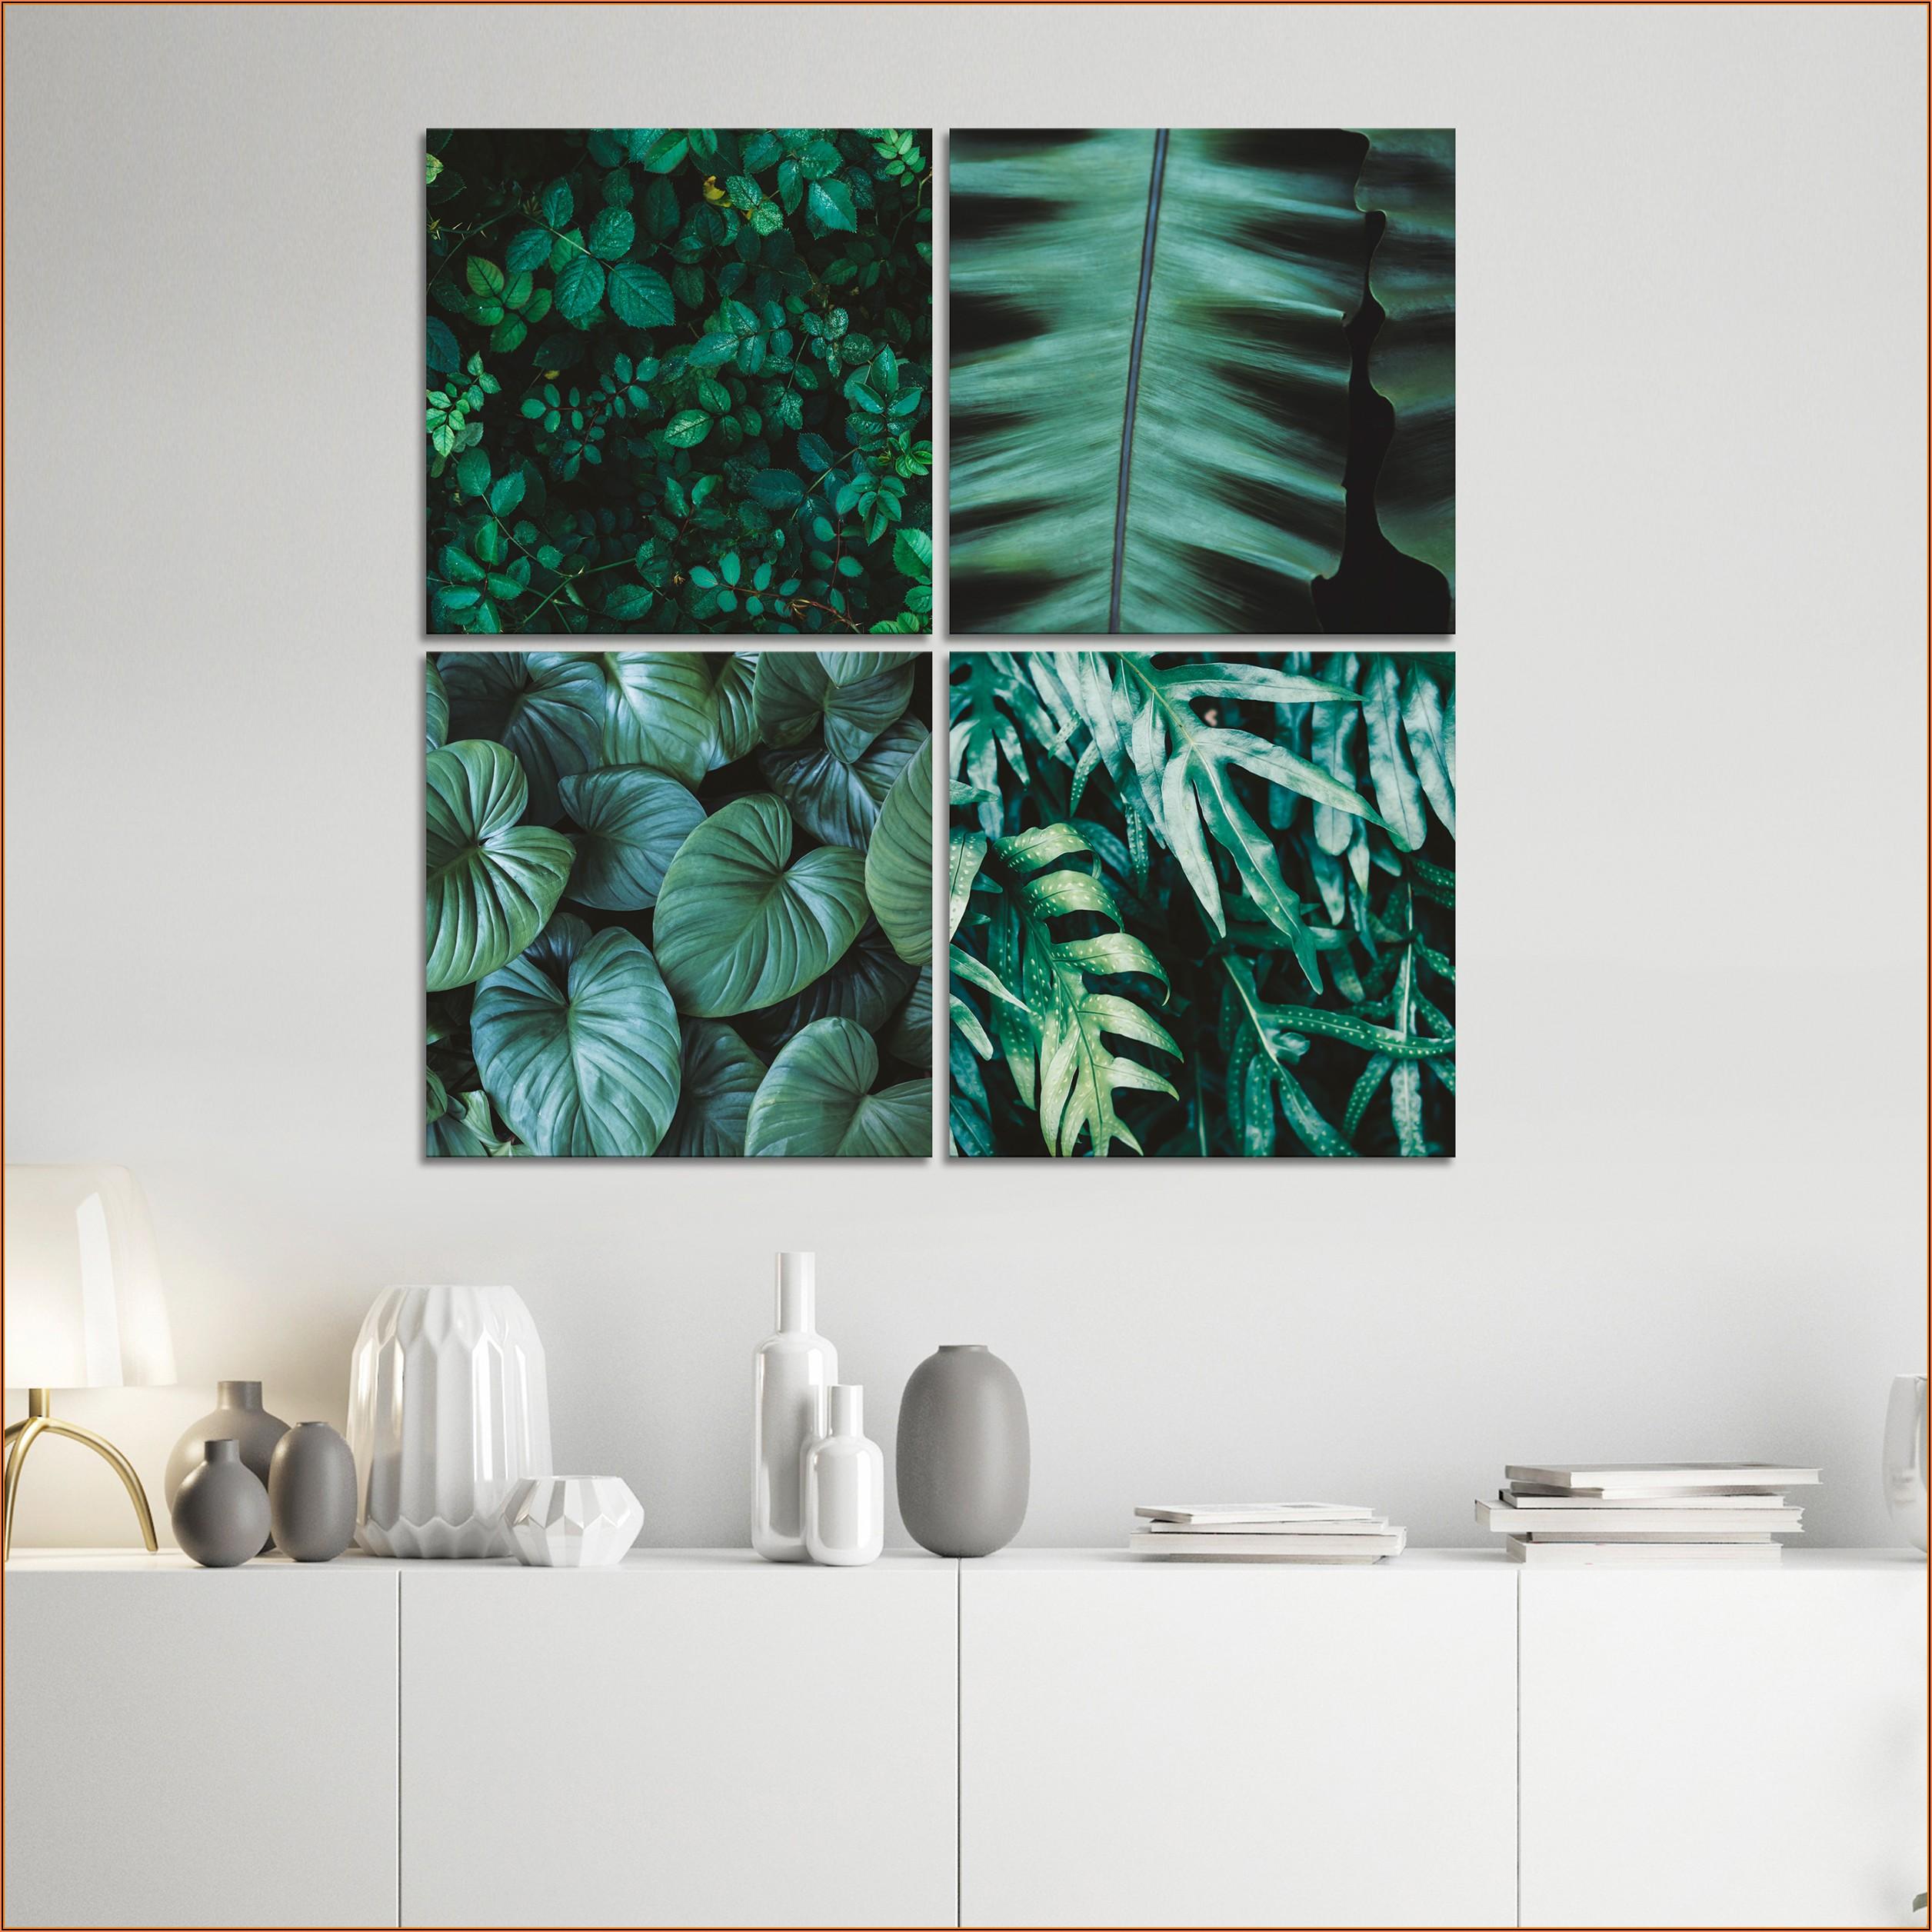 Wohnzimmer Bilder Pflanzen Motive